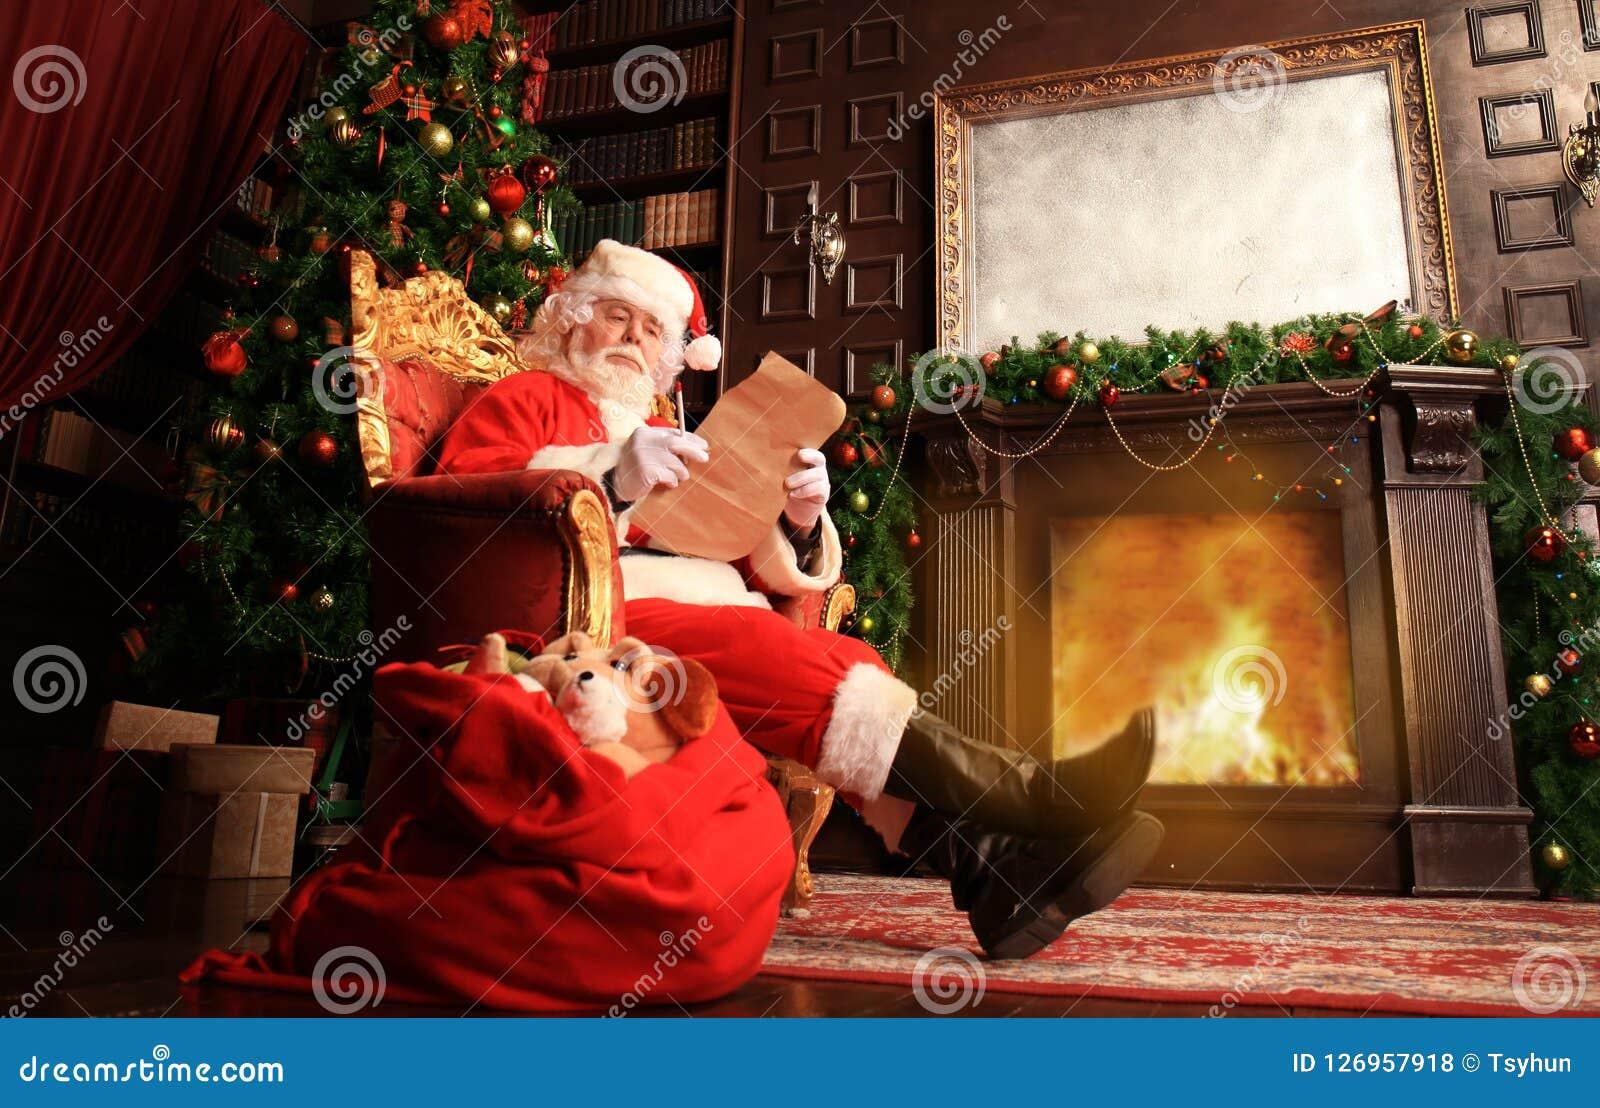 Ritratto di Santa Claus felice che si siede alla sua stanza a casa vicino all albero di Natale e che legge la lettera o la lista